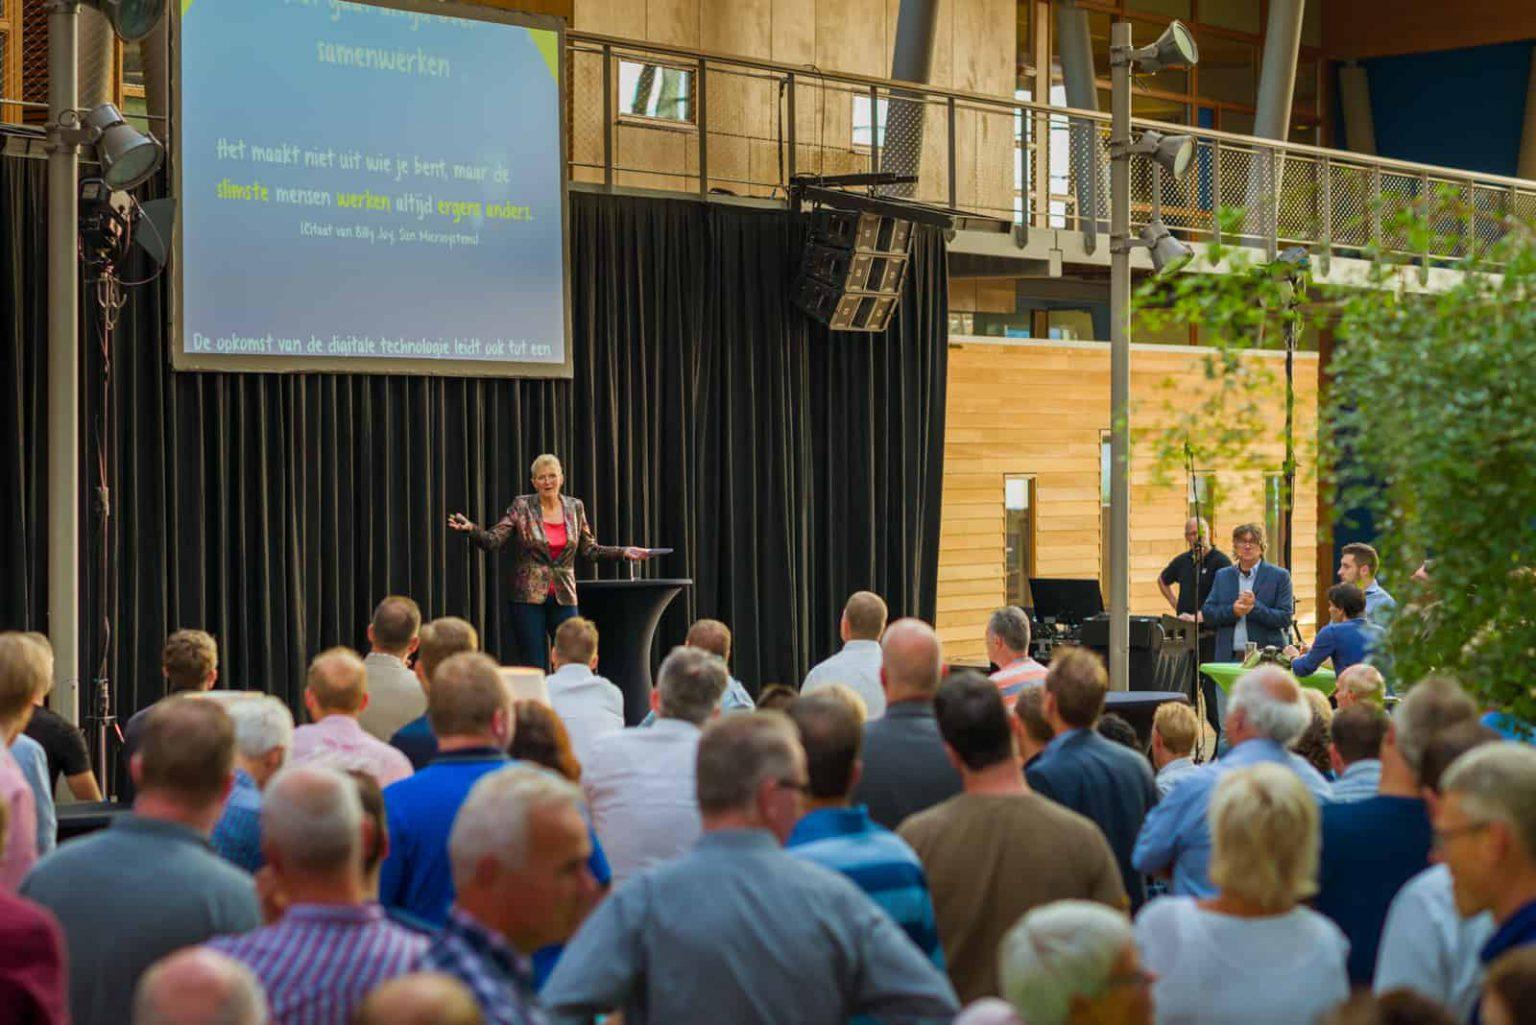 Rienk_Boode_Fotografie_evenementfotografie_Den Haag_006